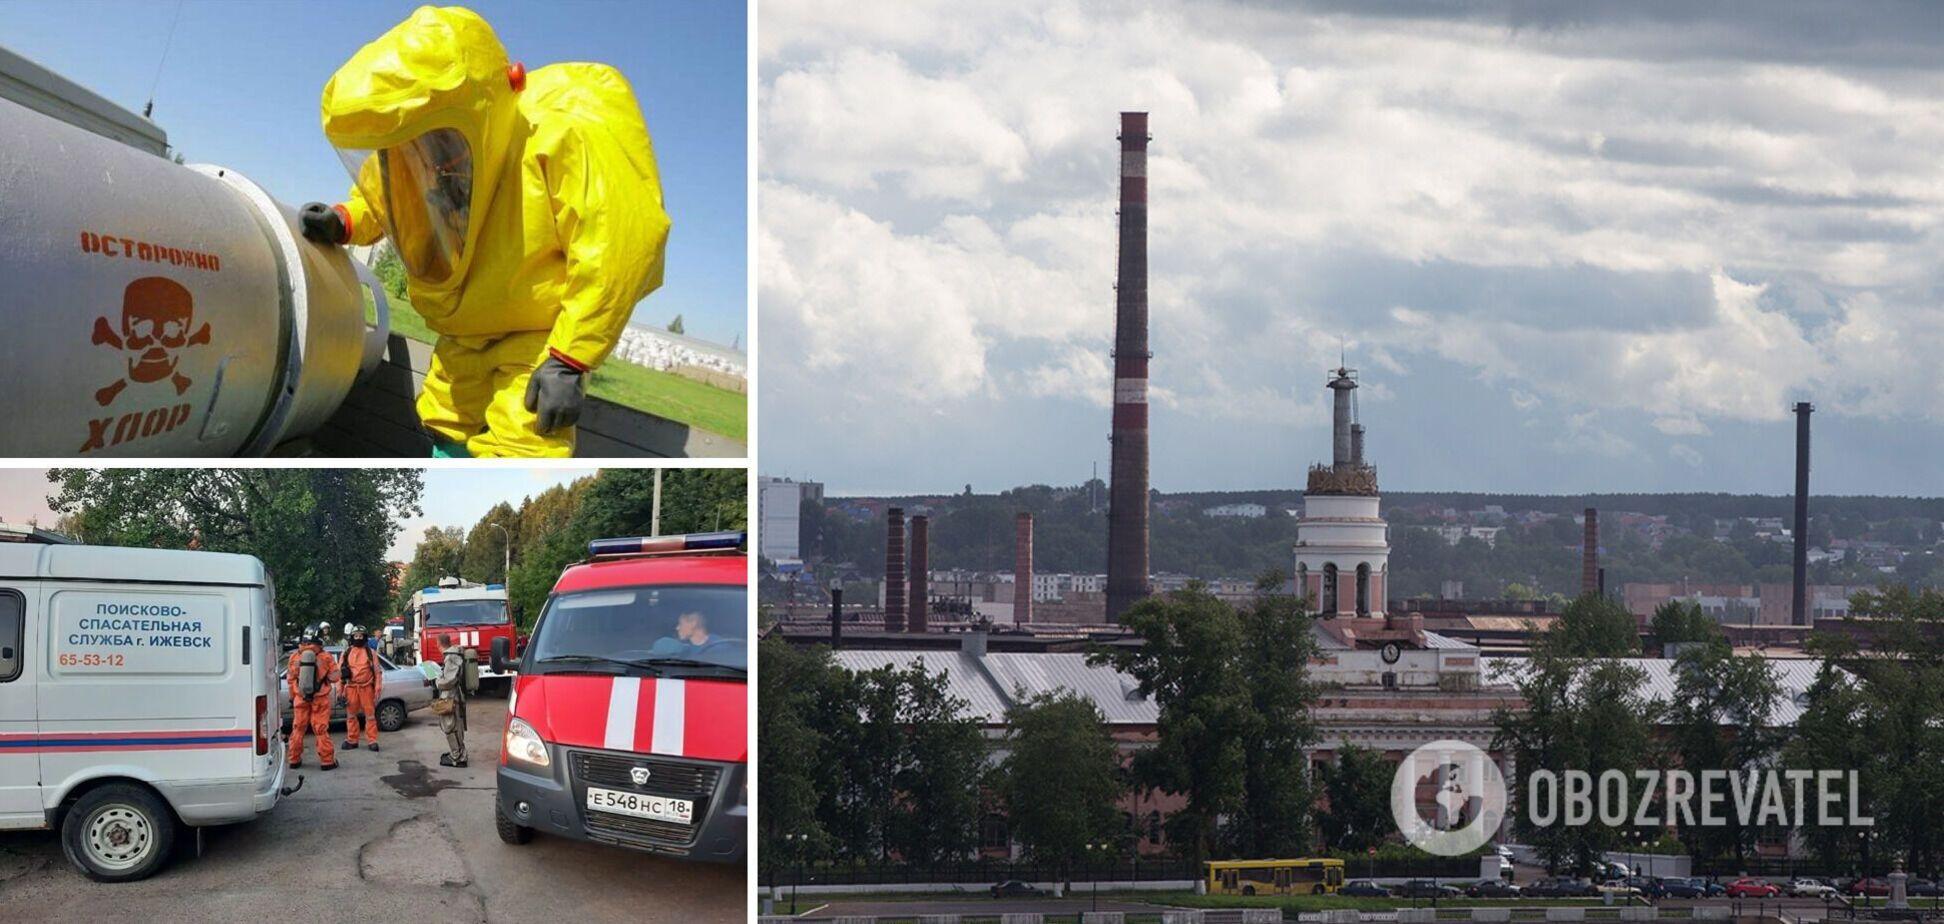 В России произошла утечка 800 кг ядовитого хлора: людей призывали срочно покинуть место 'химатаки'. Фото